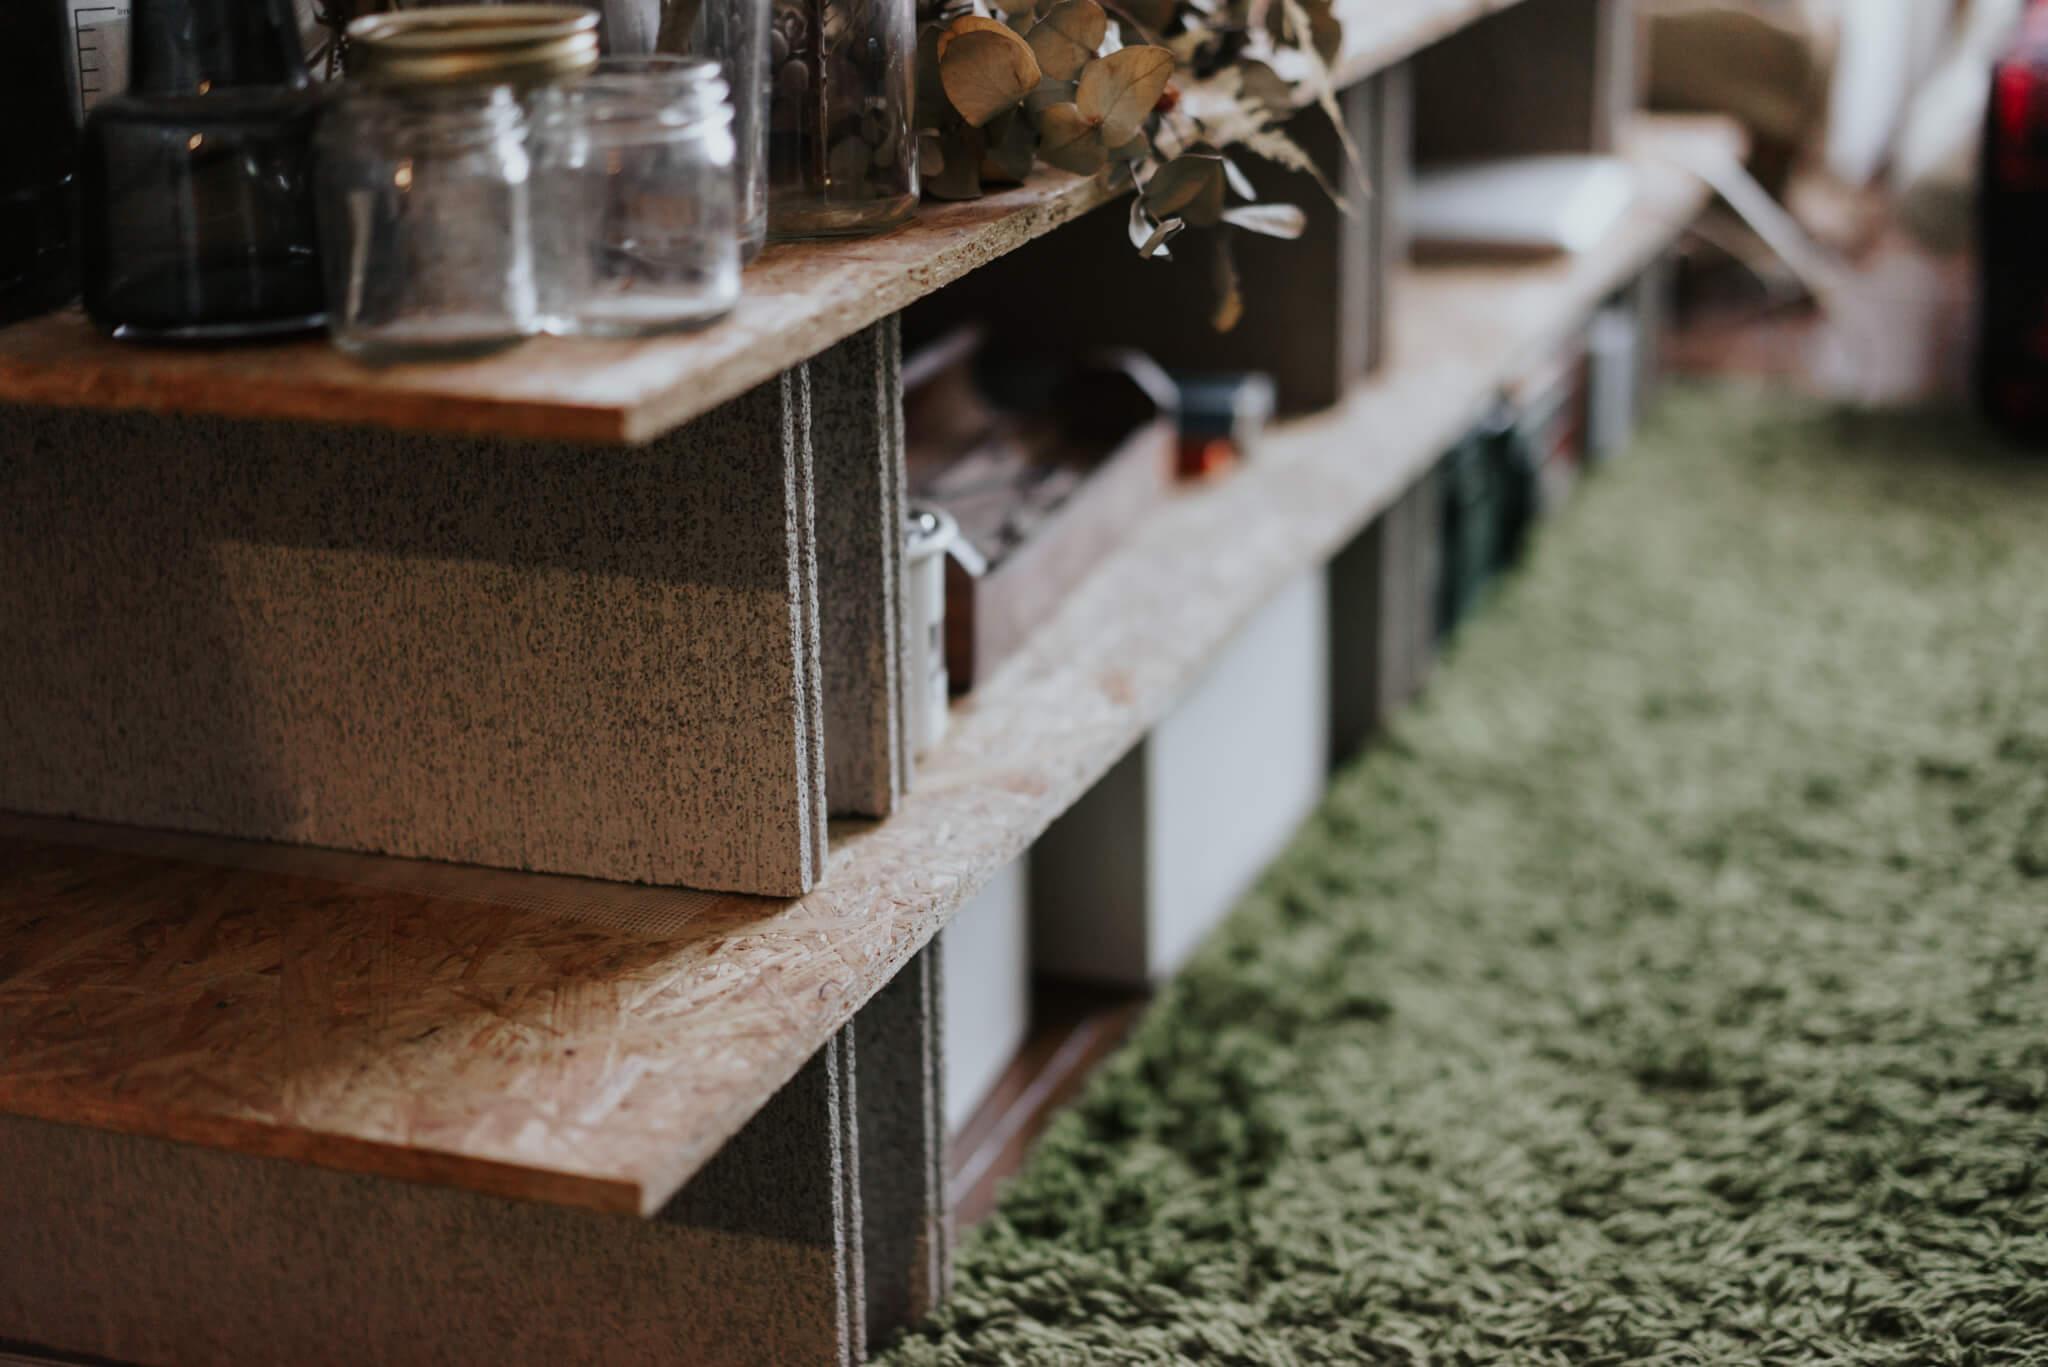 ローボードは、ホームセンターで手に入れたOSB合板と、コンクリートブロックを組み合わせたもの。材料費は2,000円程度だそう。